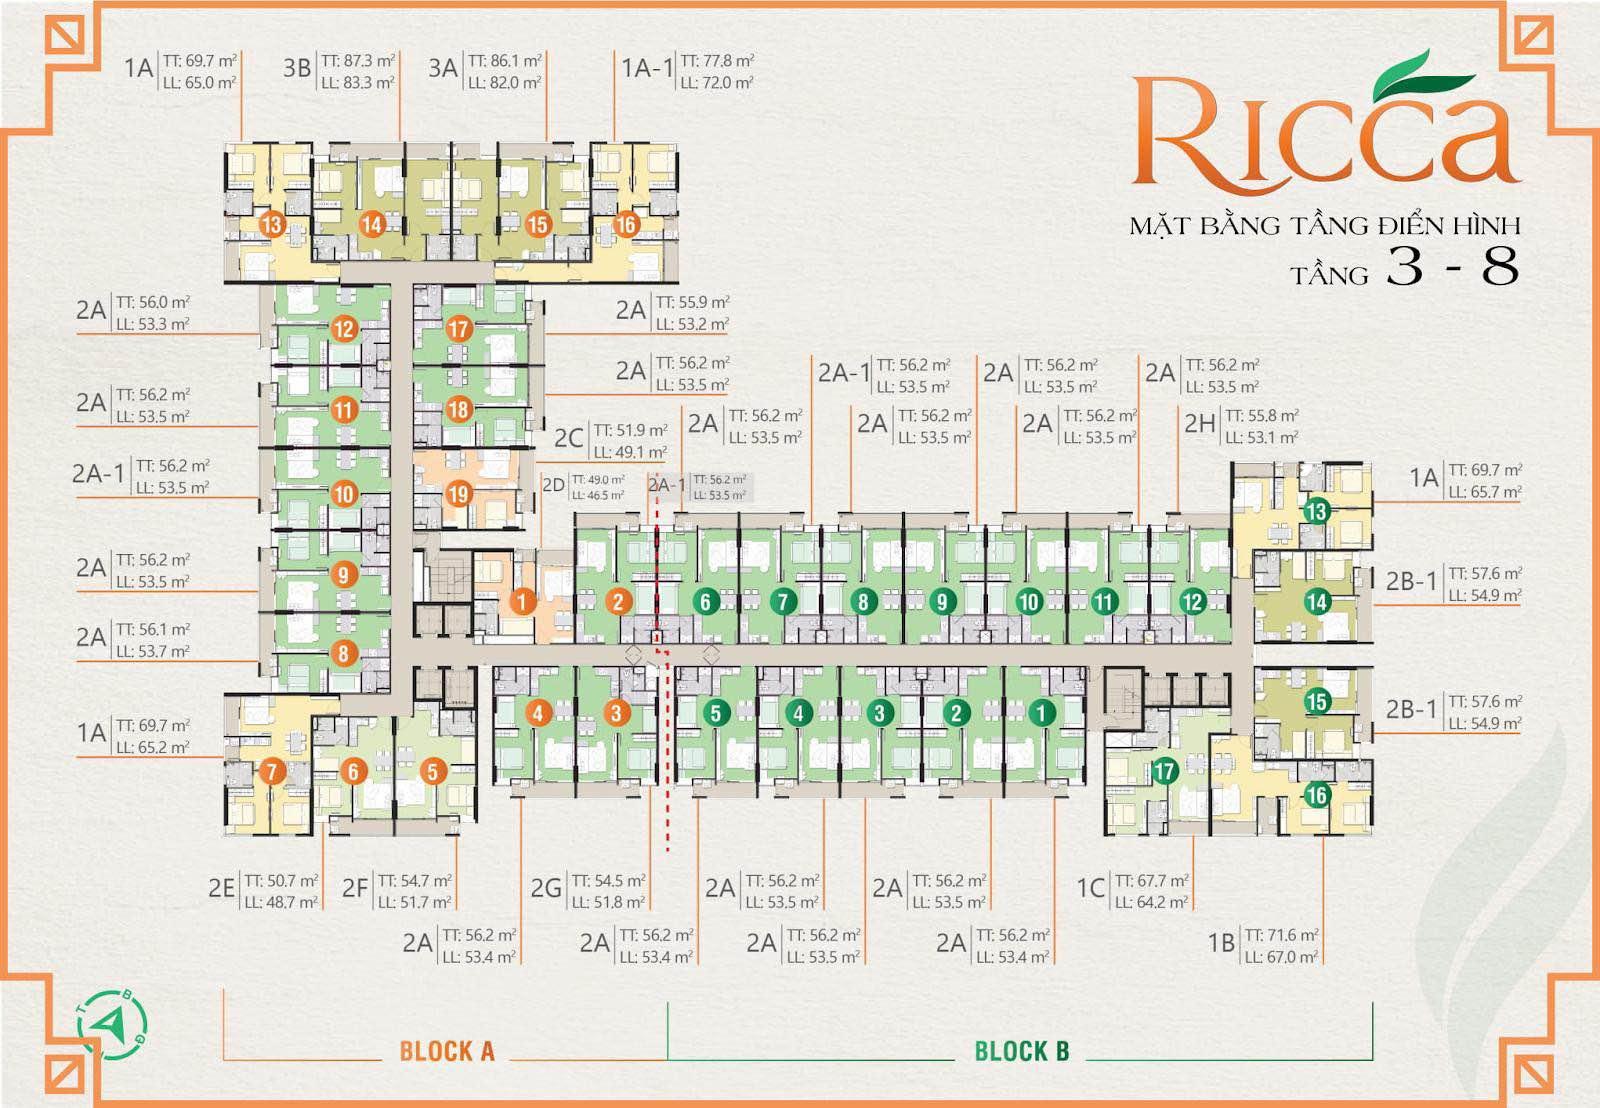 Mặt bằng chi tiết dự án căn hộ Ricca Quận 9 từ tầng 3 đến tầng 8